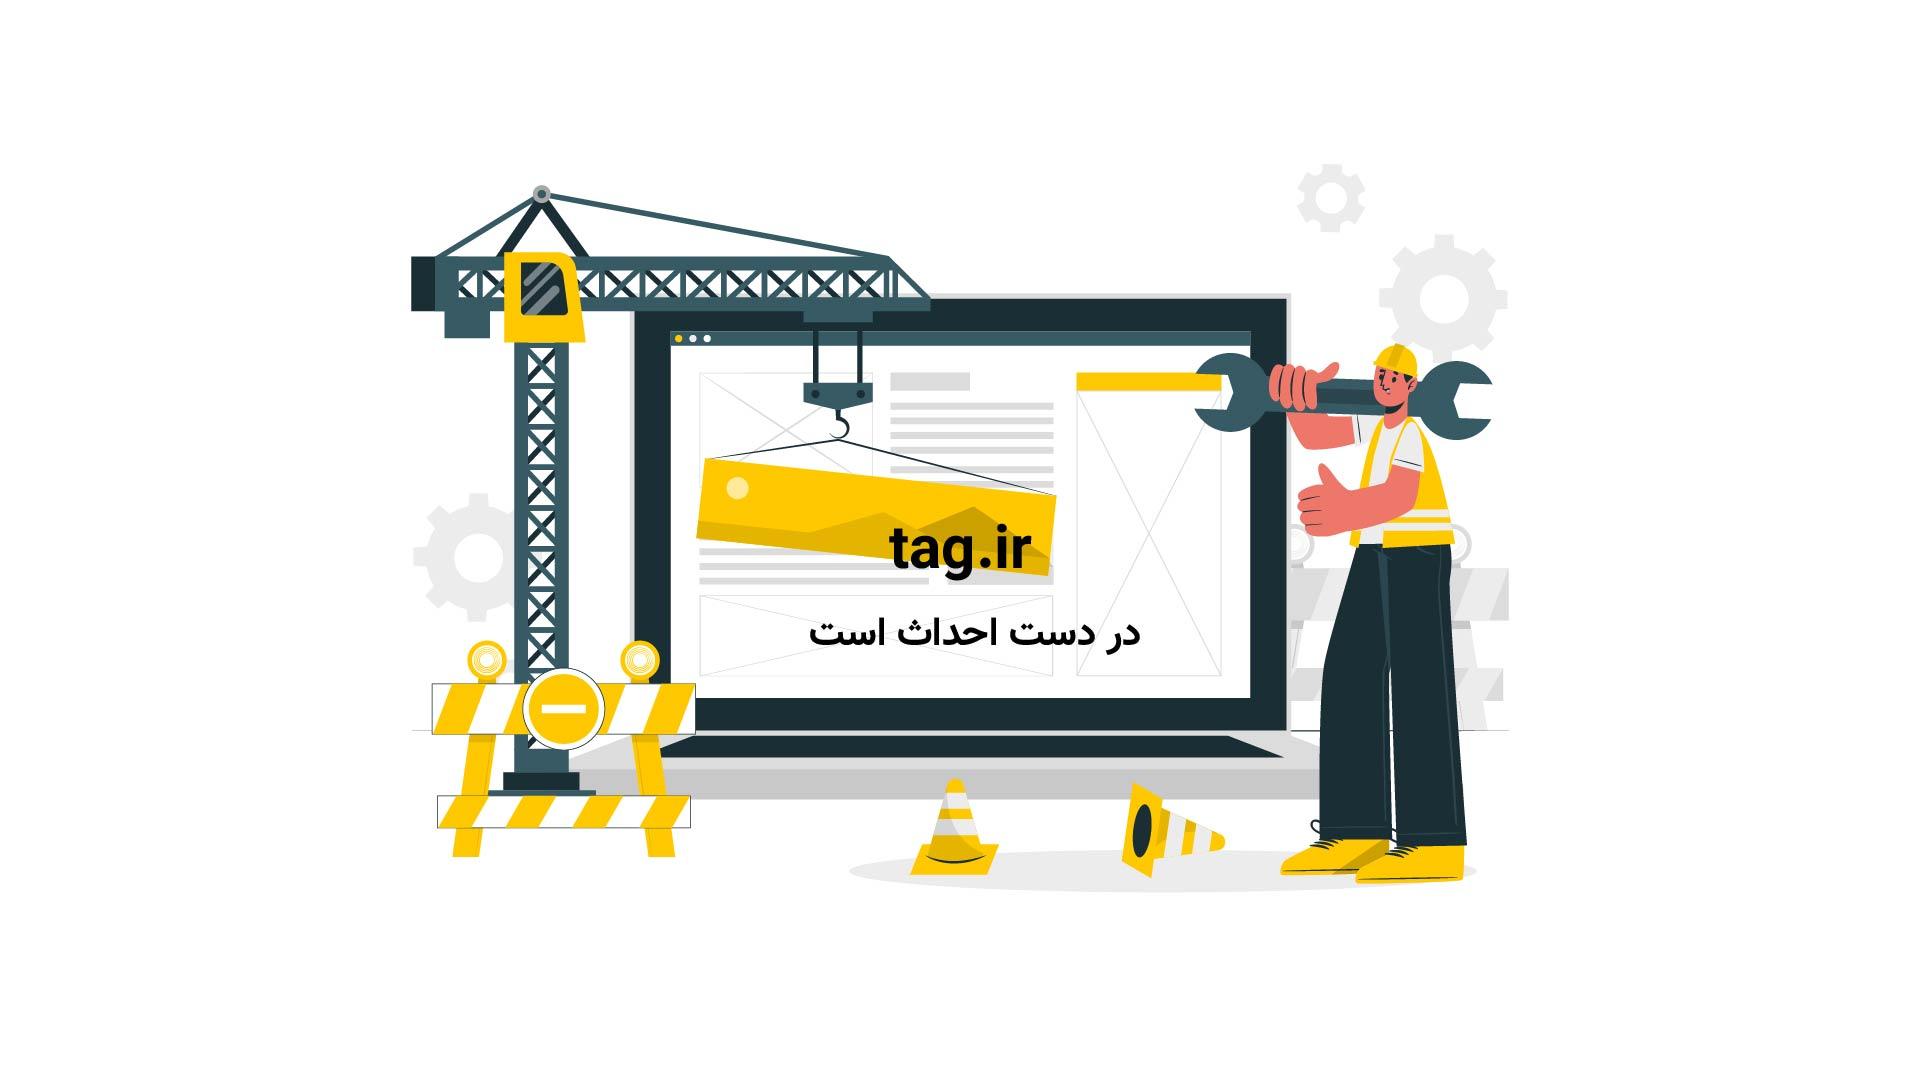 پرواز پرندگان | تگ